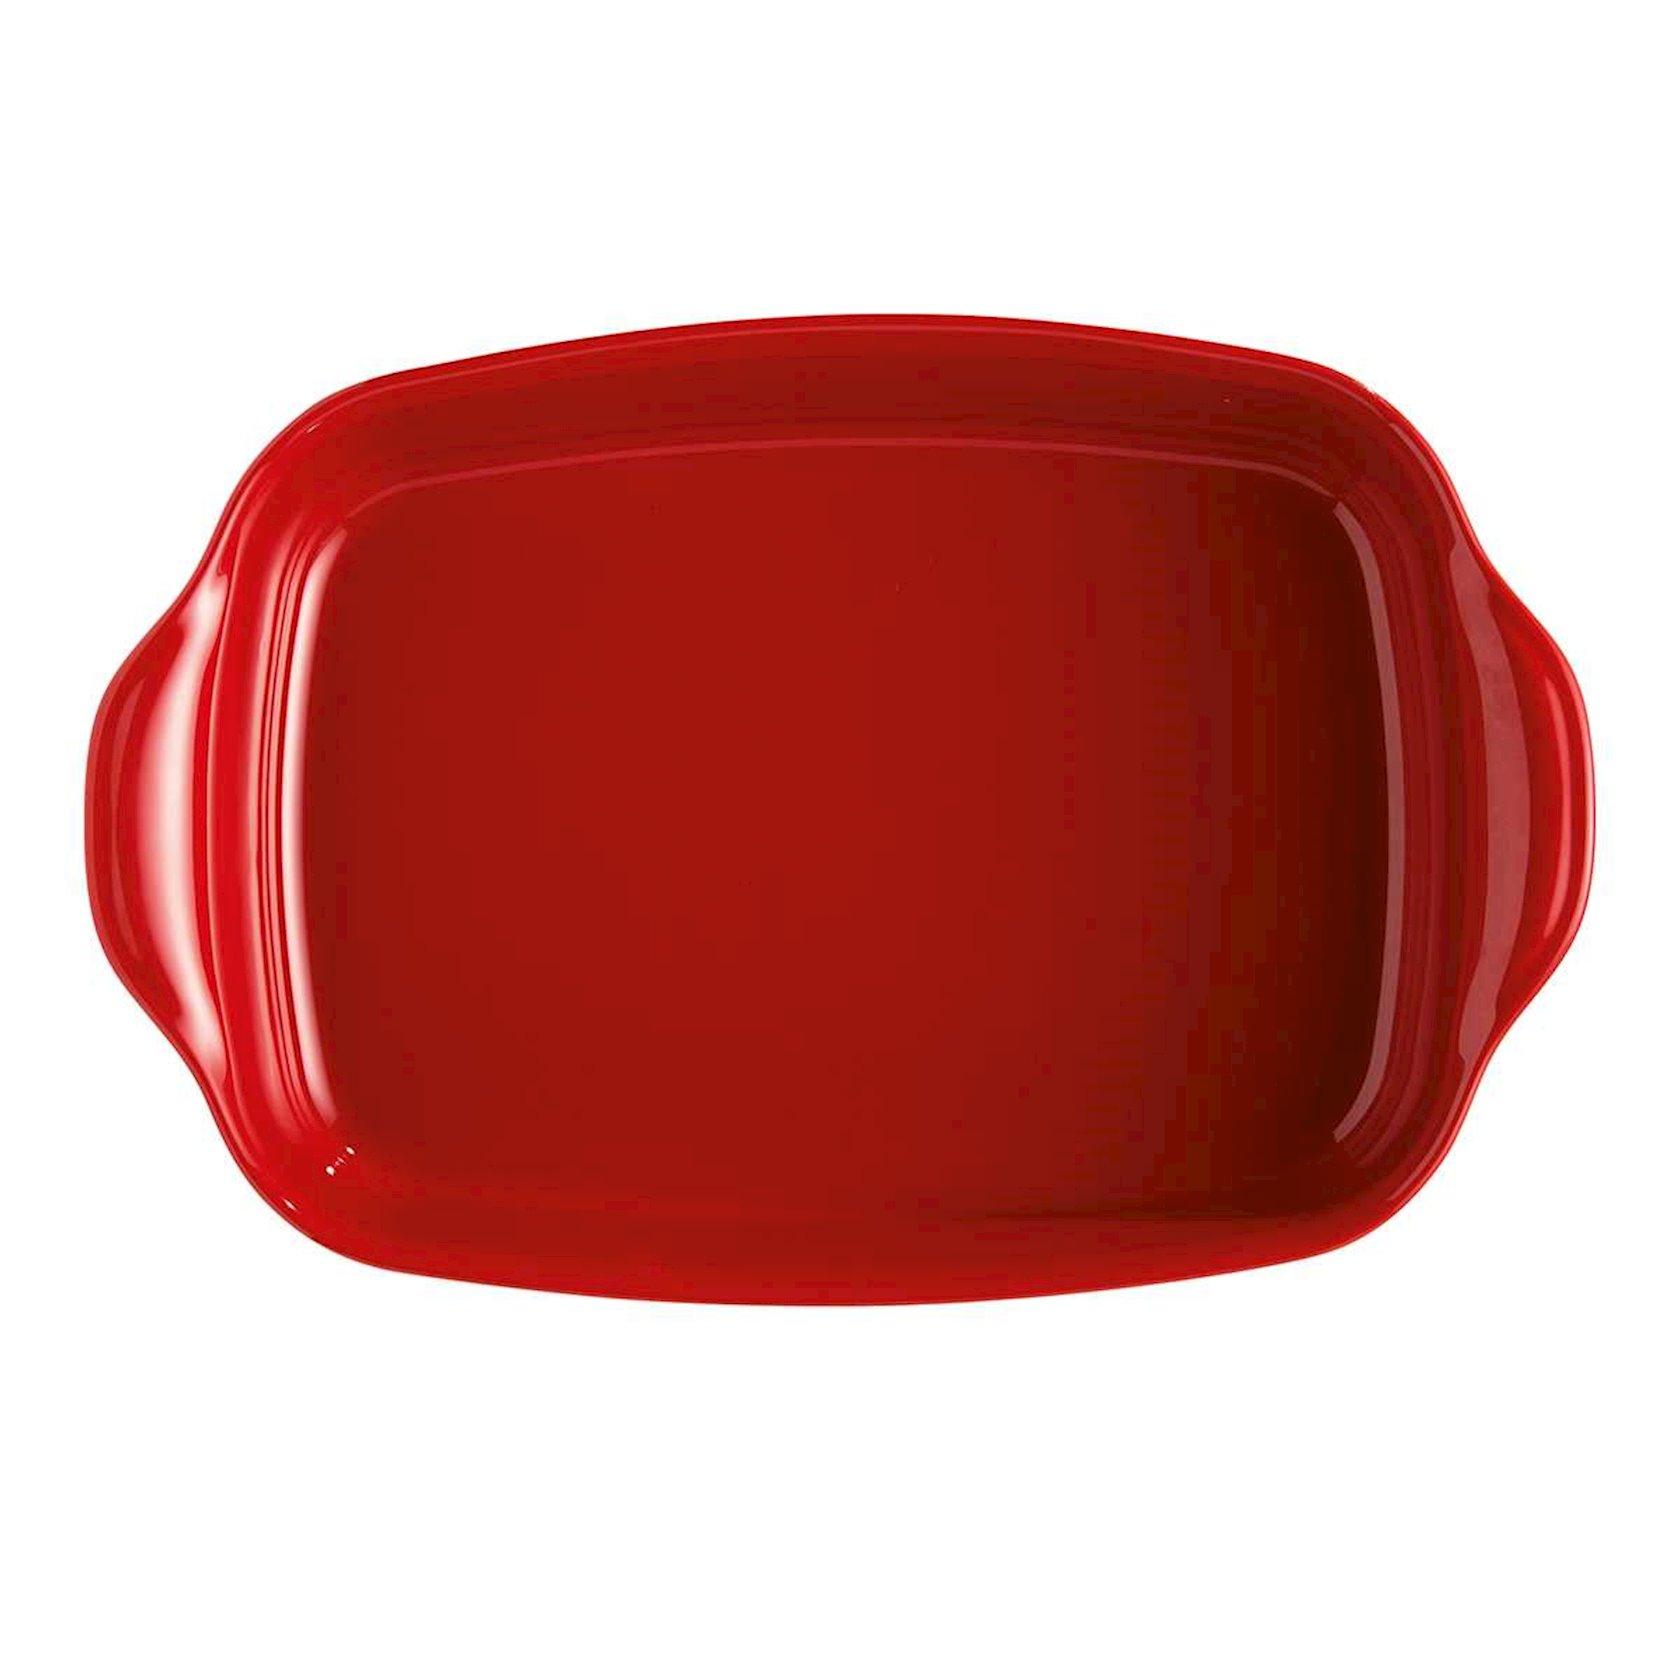 Bişirmə qabı Emile Henry, 42x27 sm, keramika, qırmızı